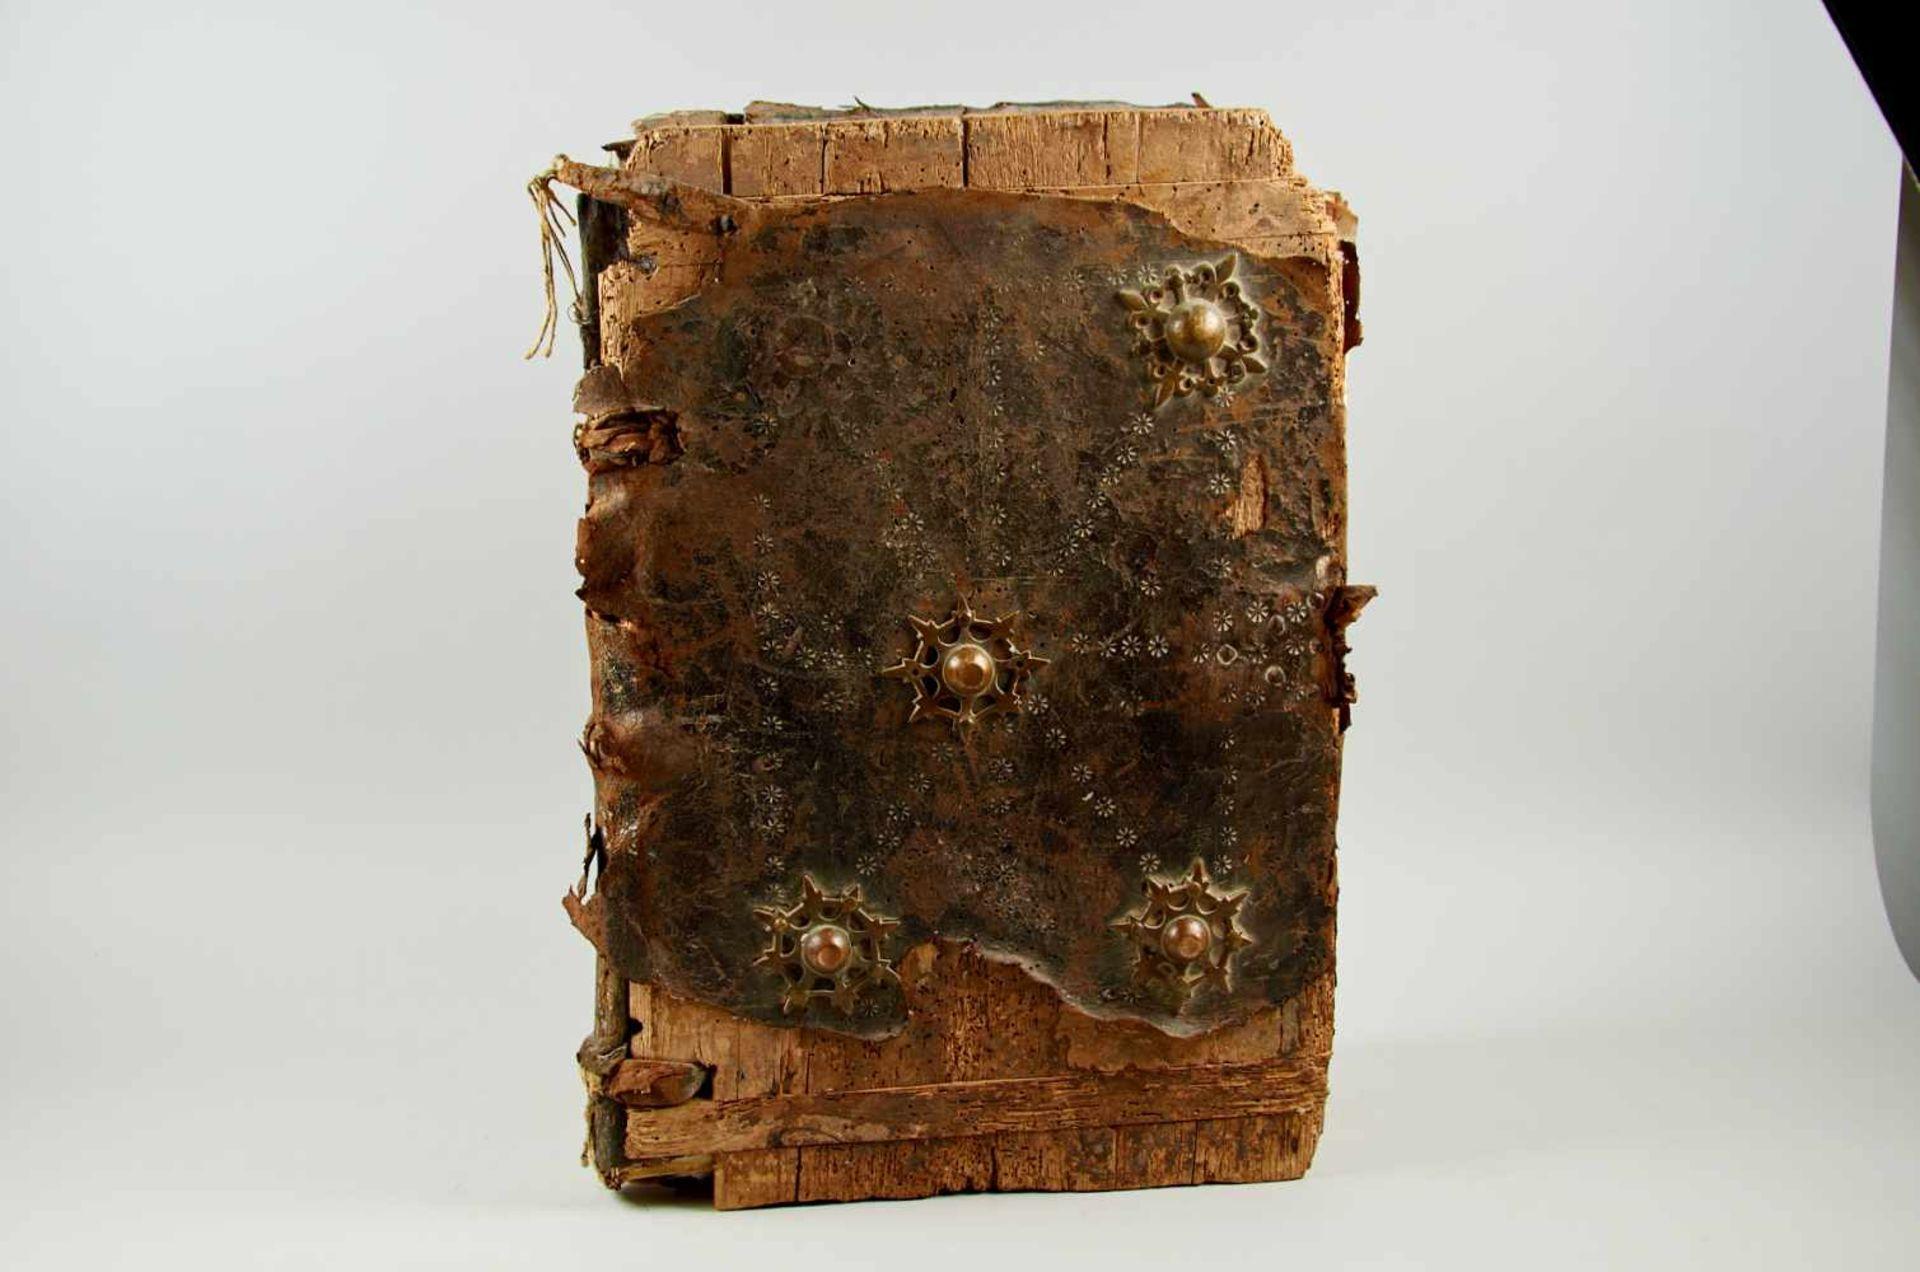 Antiphonar - Lateinische Handschrift auf Pergament. Nicht dat.Wohl Spanien, um 1600. Ca. 50 x 35 cm.